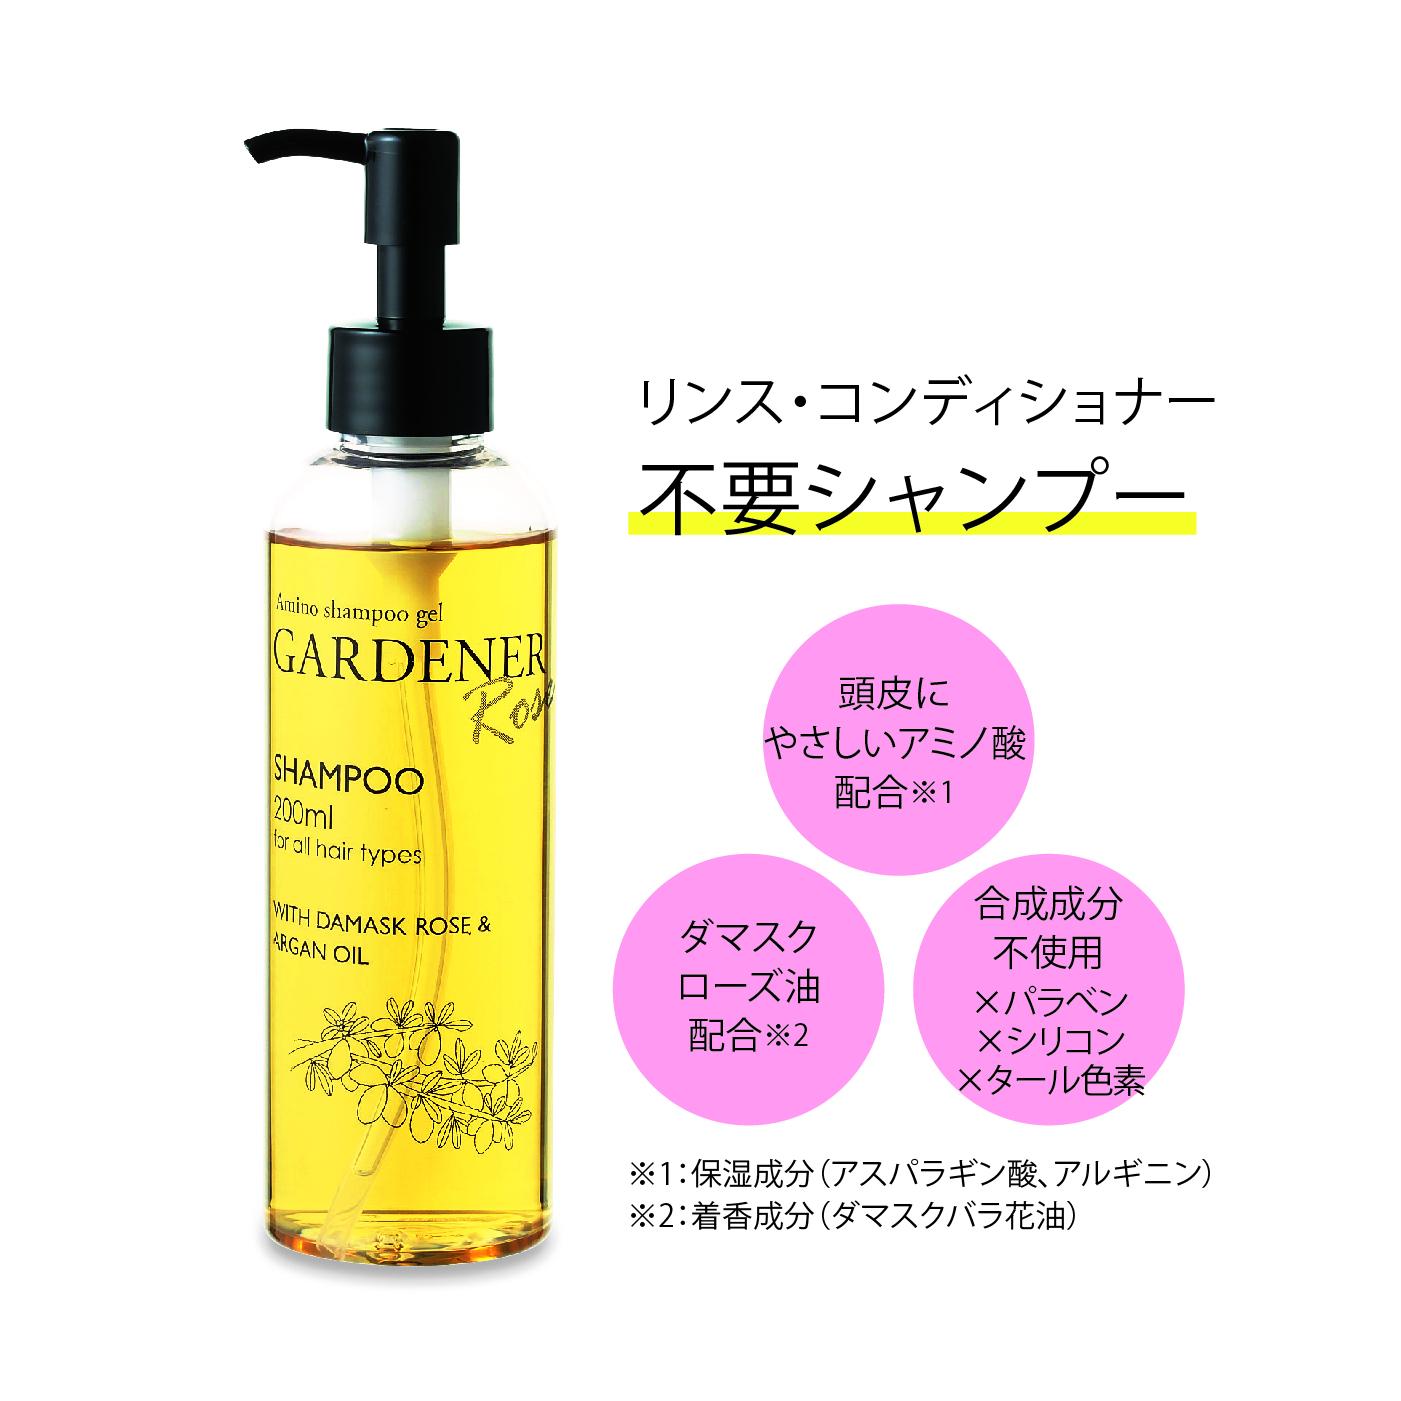 フェリシモが開発したのは、肌にやさしい洗浄成分とアミノ酸を配合したシャンプー。ていねいに汚れを落としながら、頭皮に必要な水分や油分は取りすぎず、おだやかに髪を洗い上げます。コンディショナーを使わなくてもなめらかな指通り。